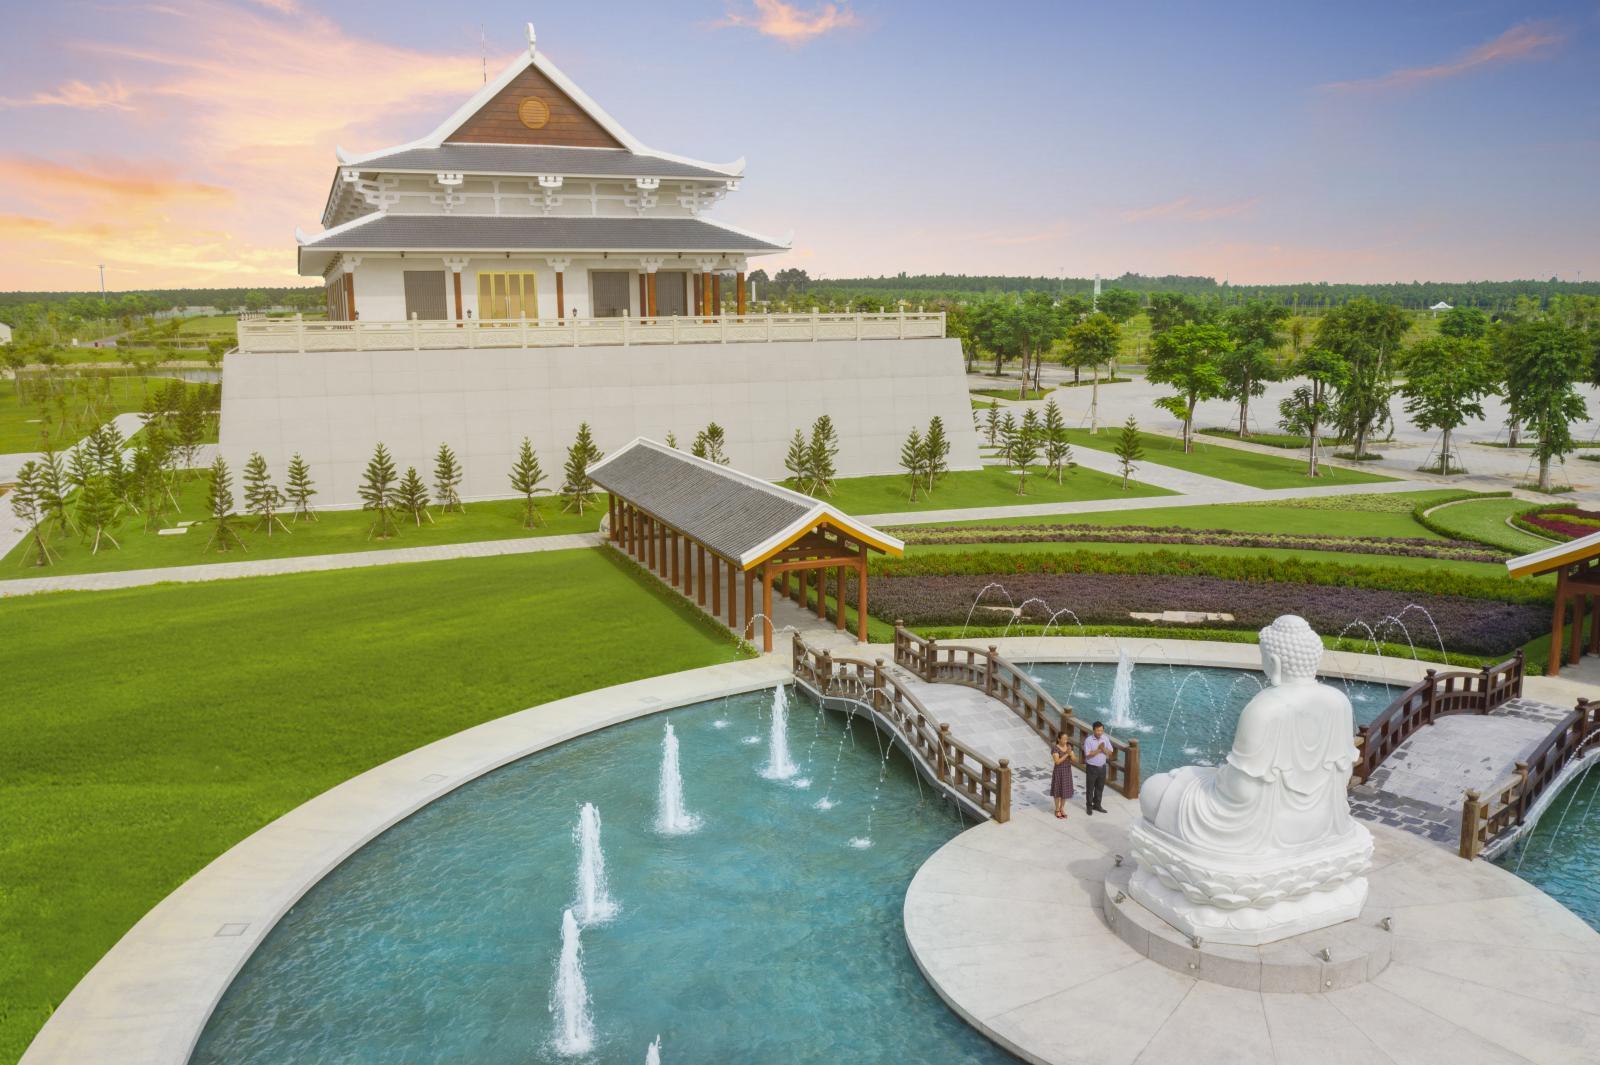 Tượng phật đặt giữa đài phun nước đối diện ngôi đền, có hai người đang đứng chắp tay trước tượng phật